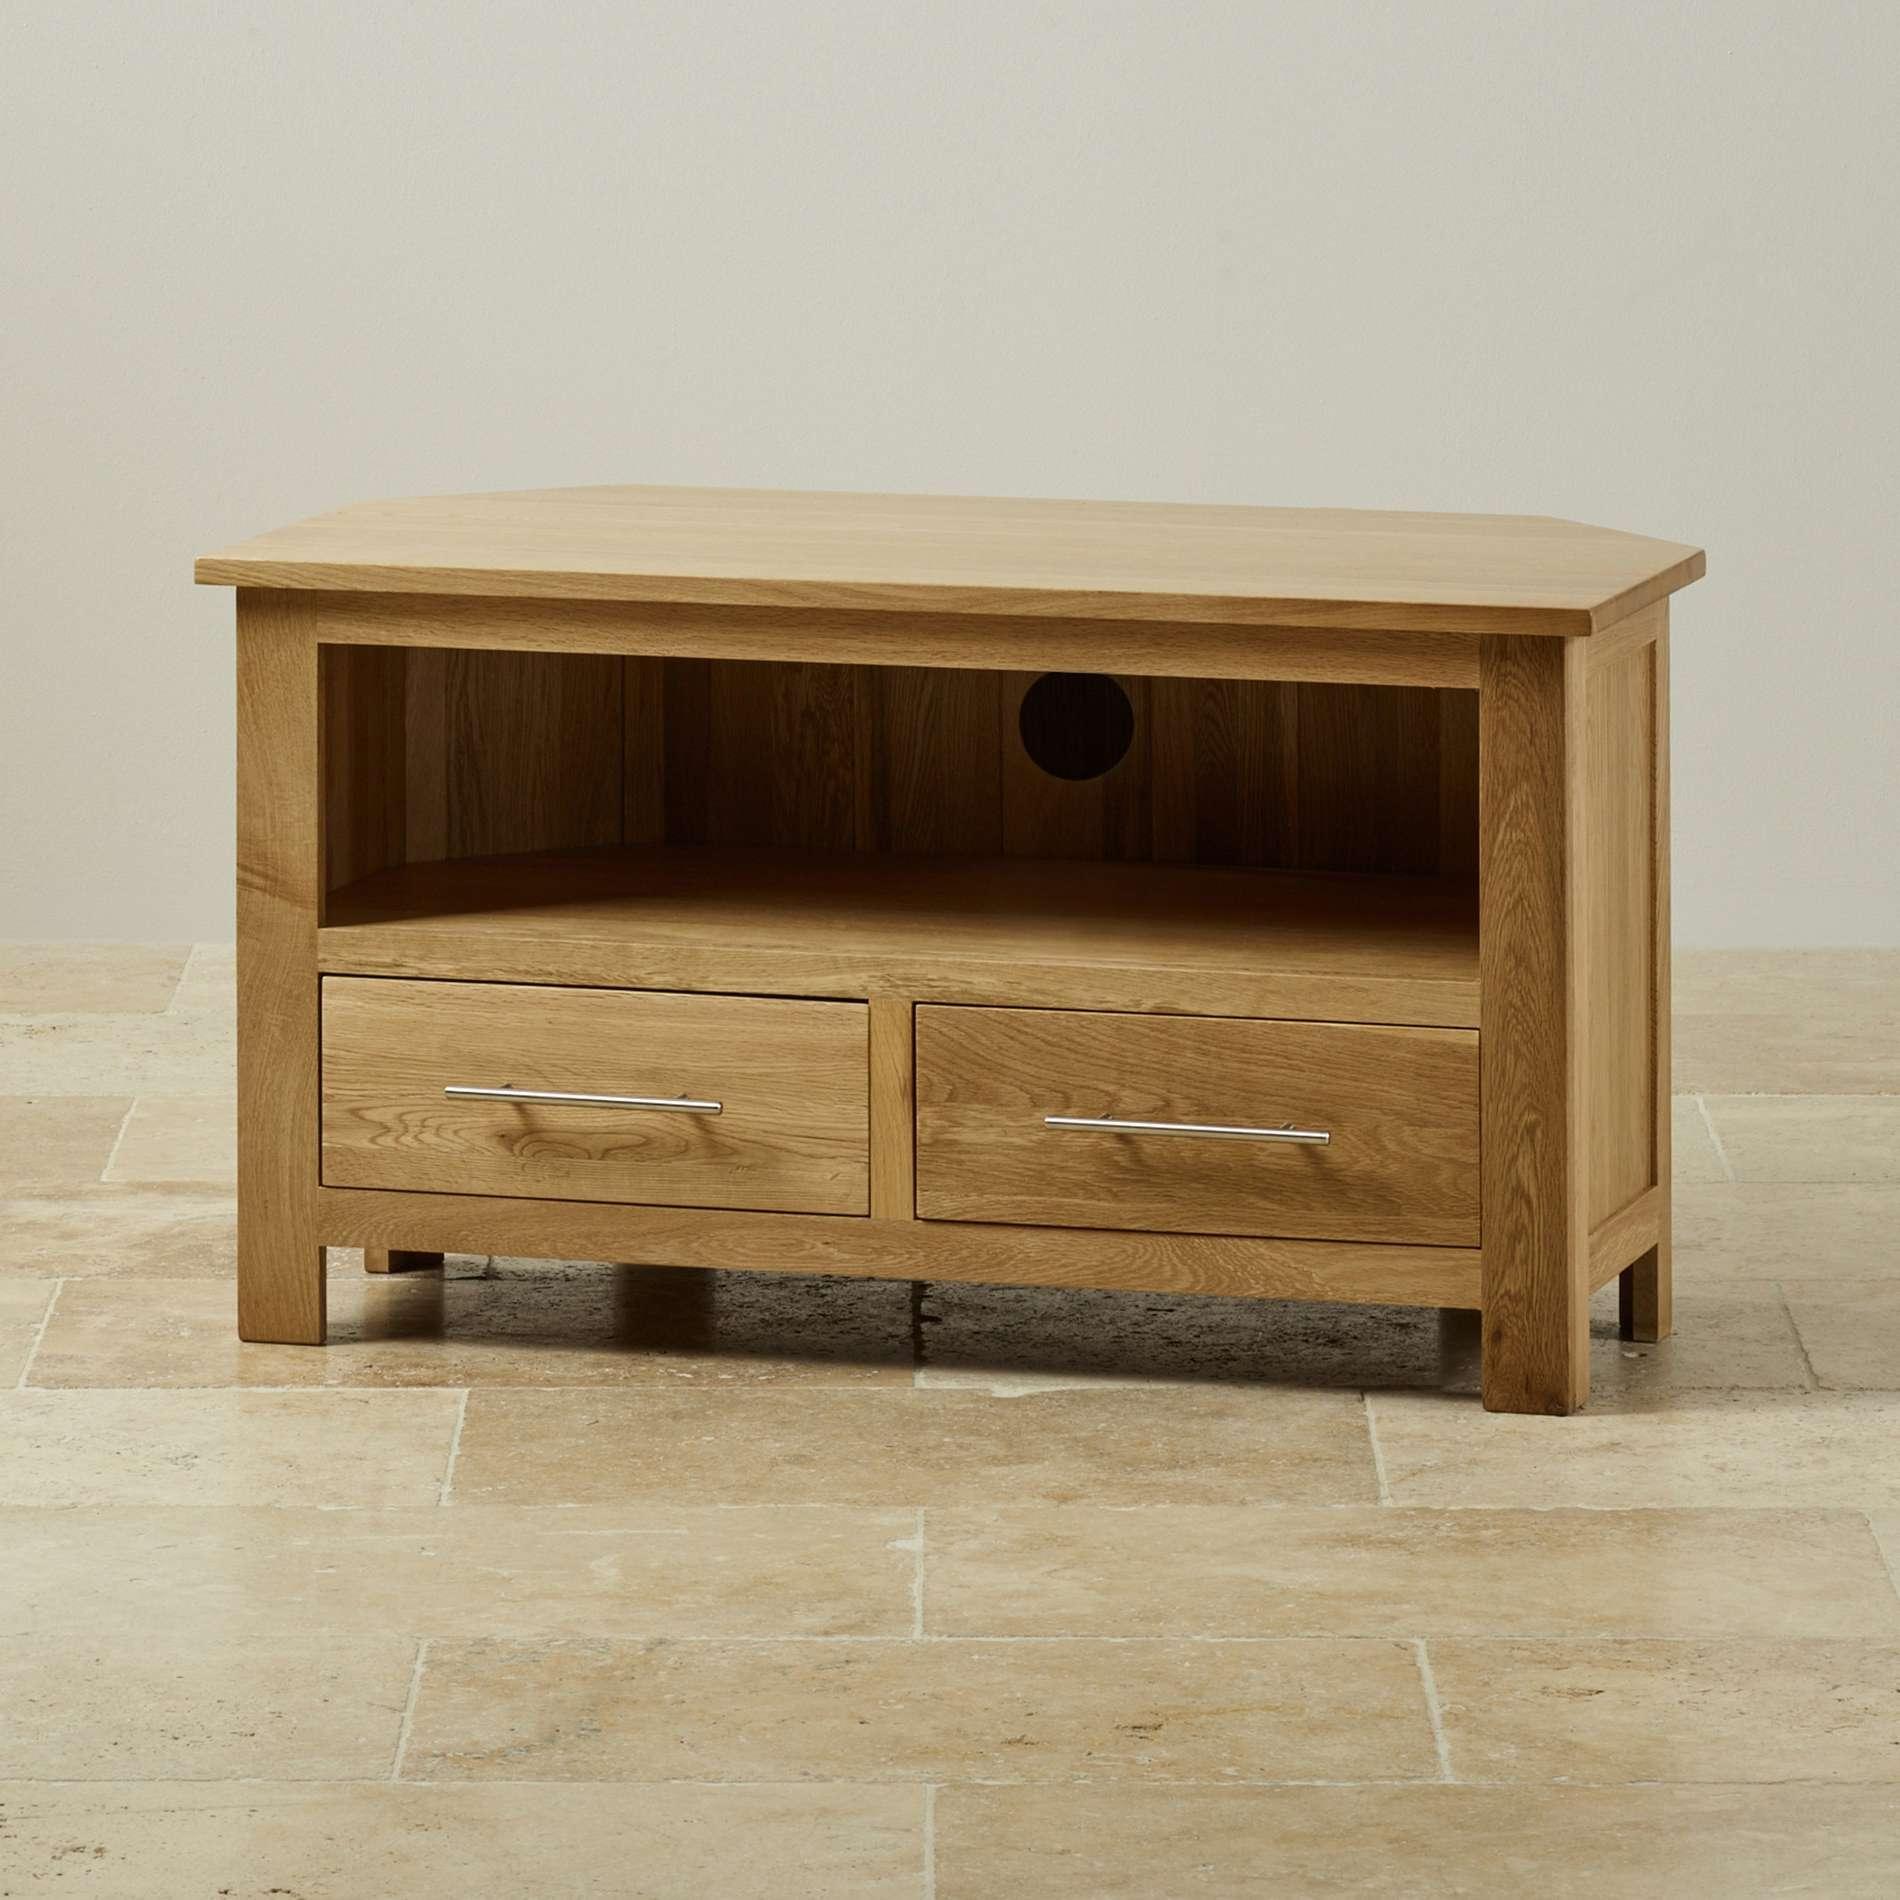 Rivermead Corner Tv Cabinet In Solid Oak | Oak Furniture Land For Solid Oak Corner Tv Cabinets (View 12 of 20)